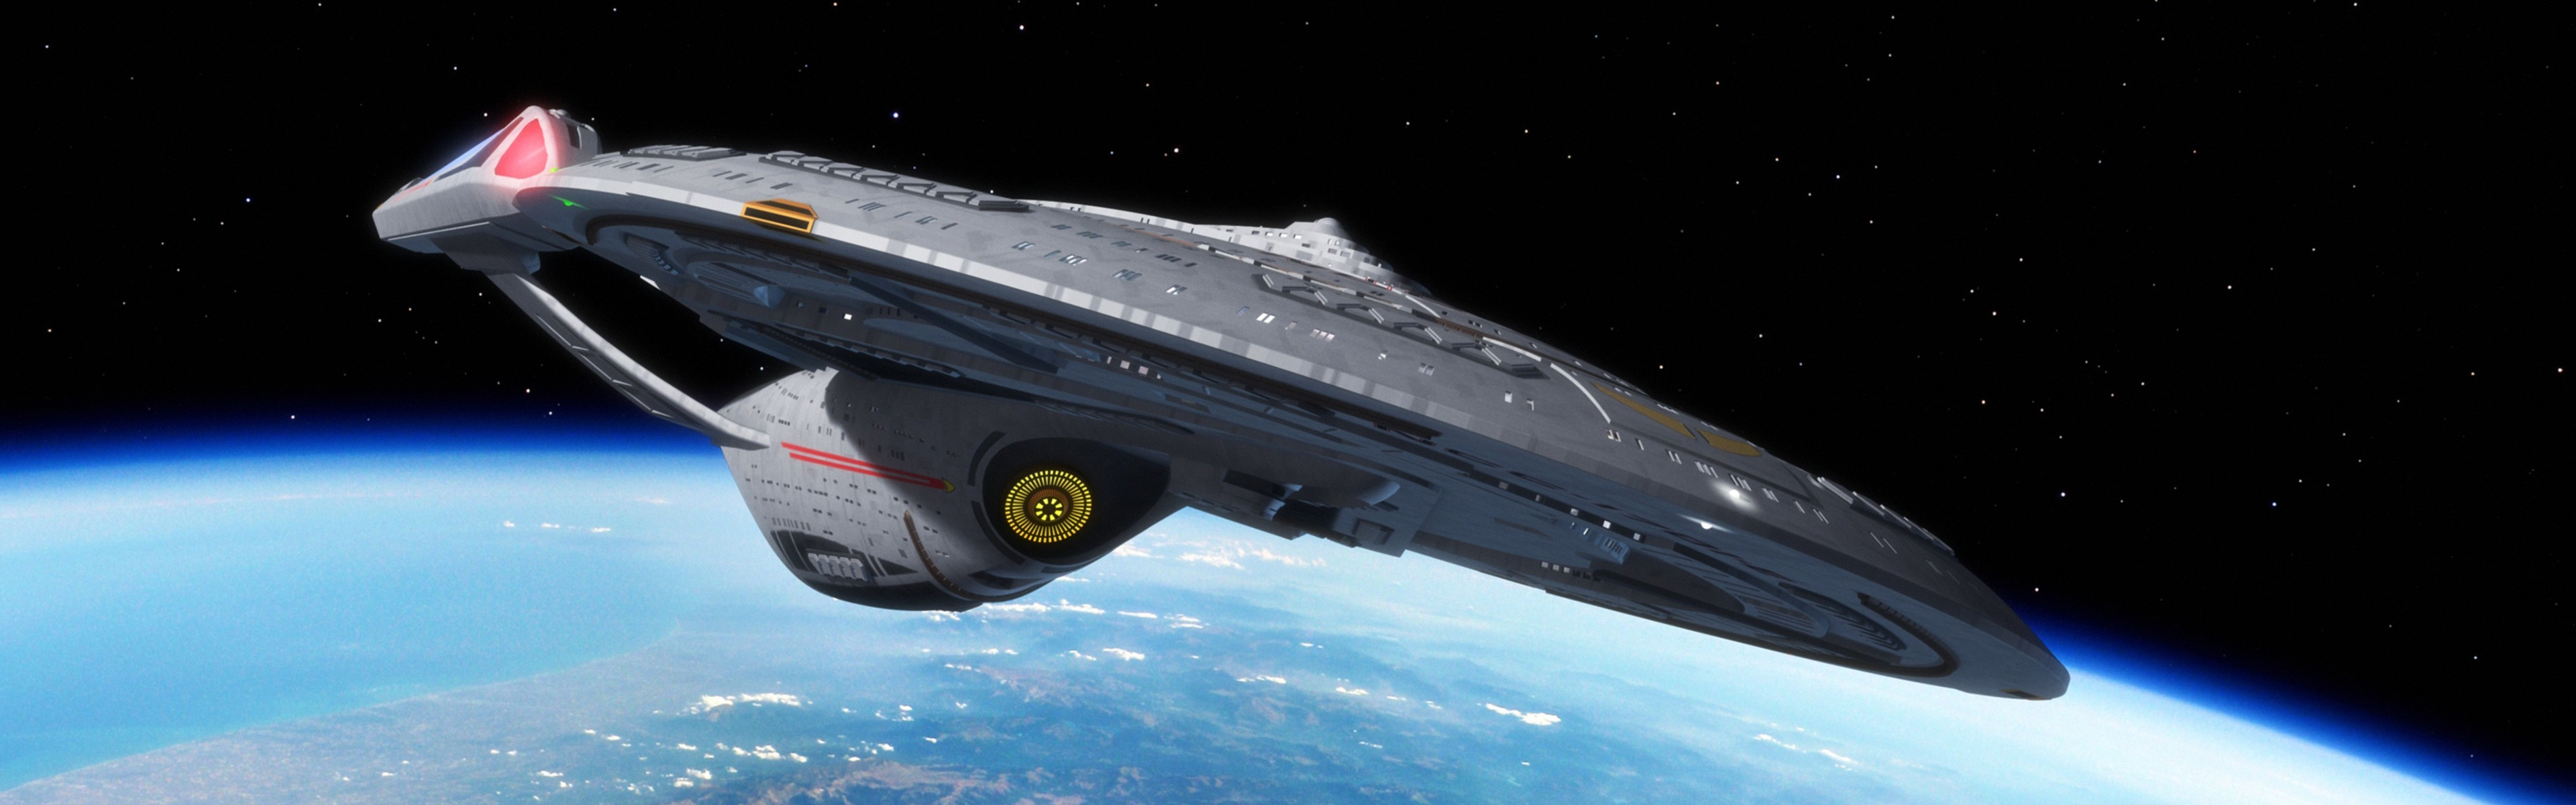 General Star Trek USS Enterprise (spaceship) space multiple  display dual monitors